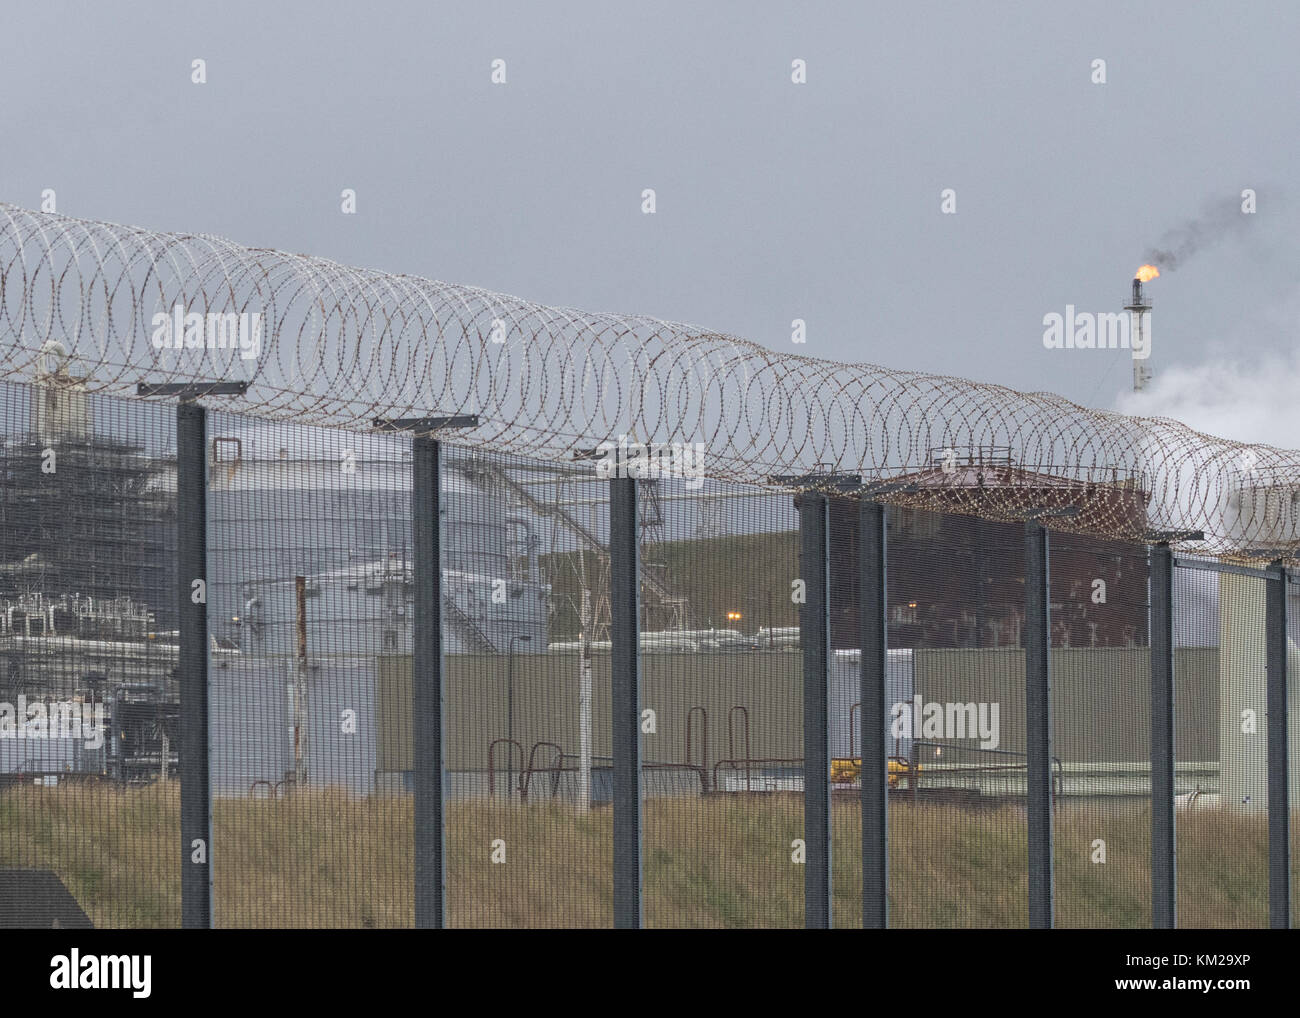 Filo di rasoio la recinzione di sicurezza a Sullom Voe terminale petrolifero, isole Shetland, Scotland, Regno Unito Immagini Stock